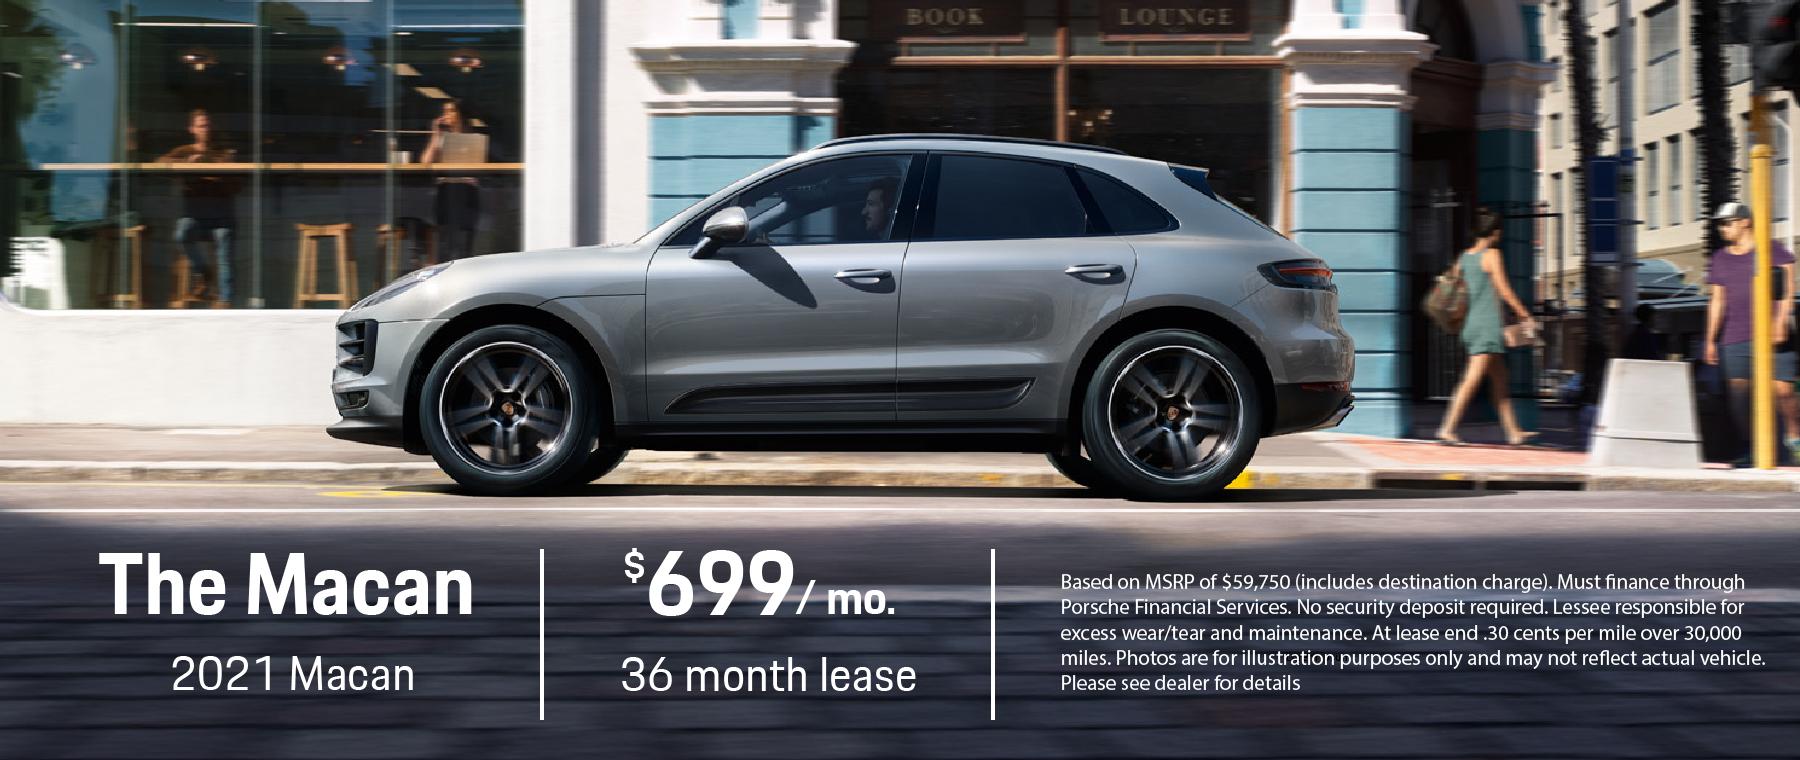 2021 Porsche Macan offer